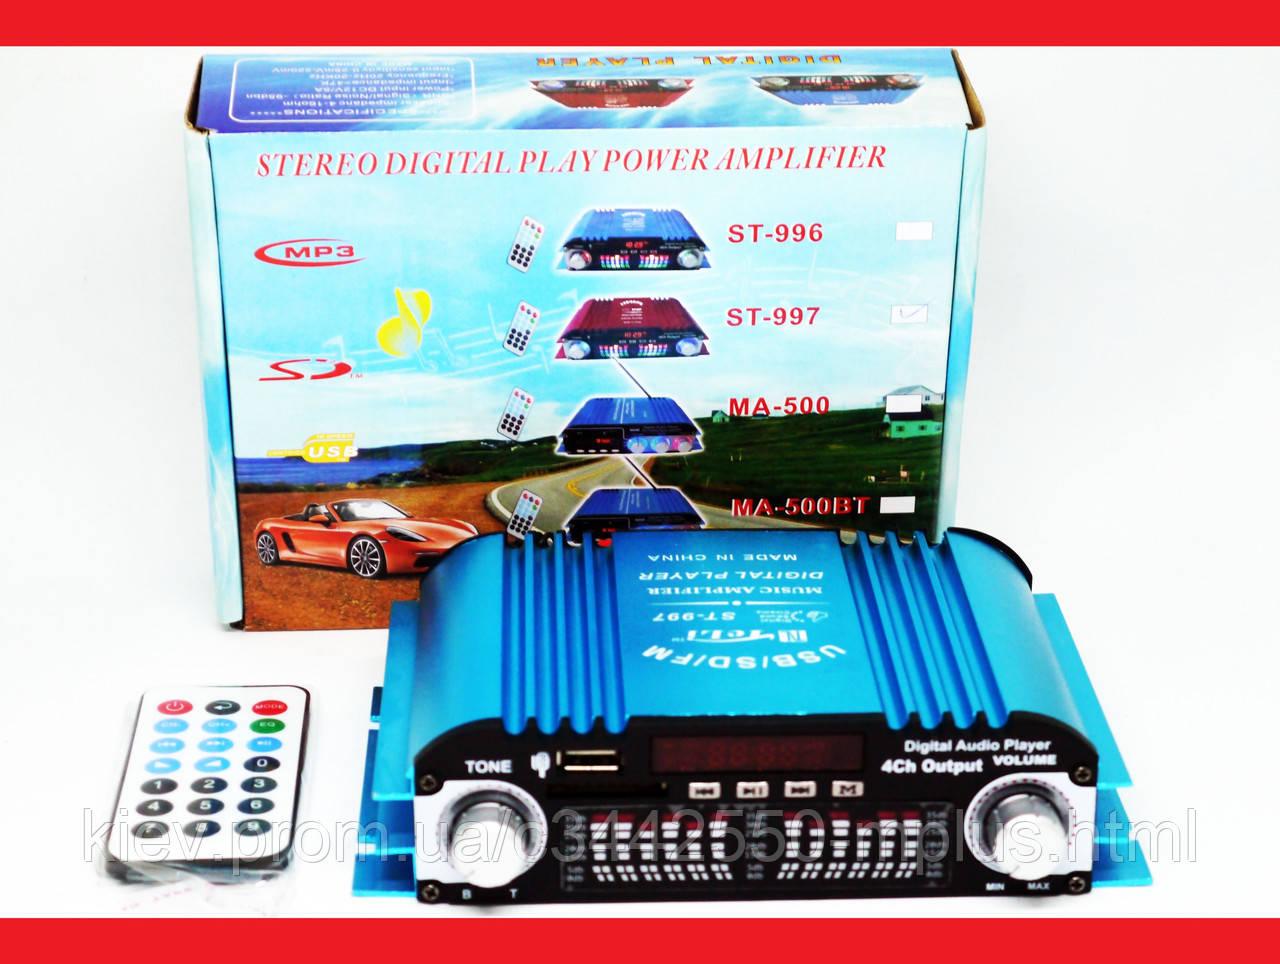 Усилитель ST-997 - USB, SD-карта, MP3 4х канальный